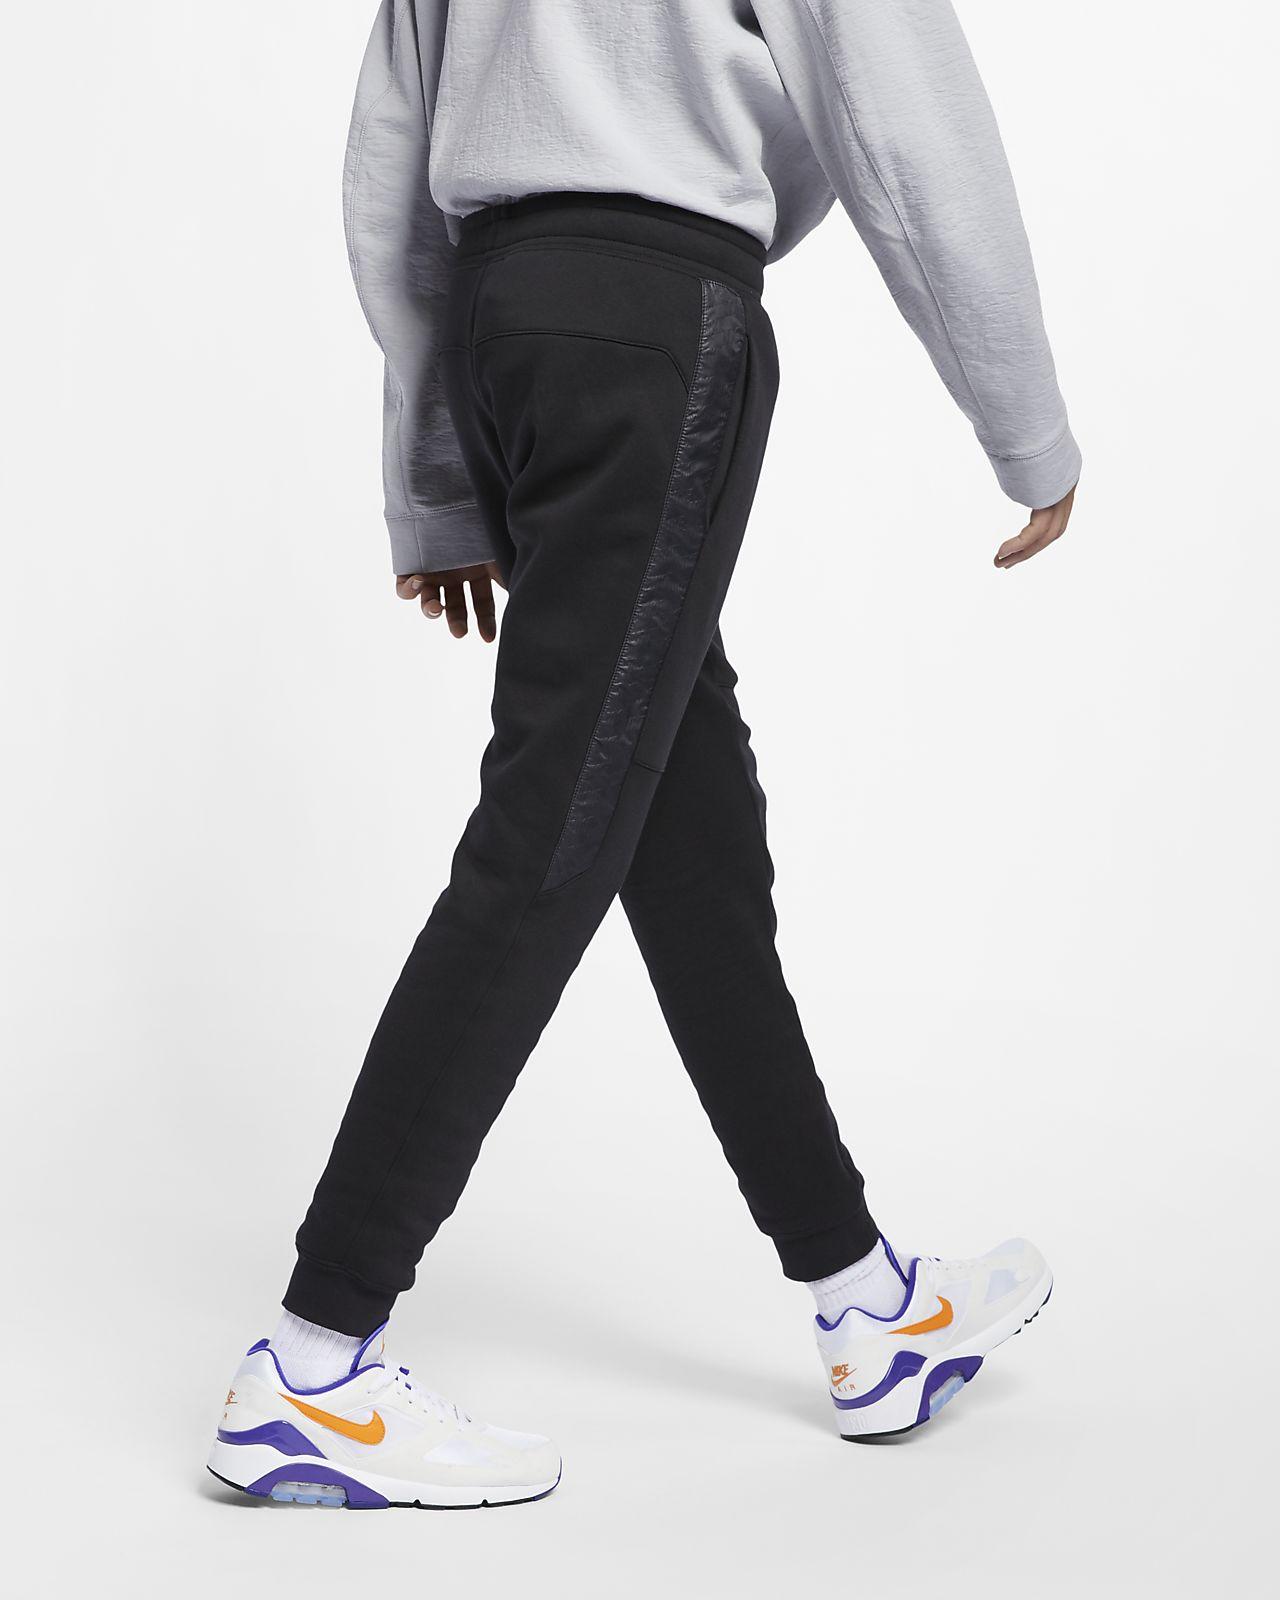 3239a16e98 Low Resolution Nike Sportswear Men's Joggers Nike Sportswear Men's Joggers